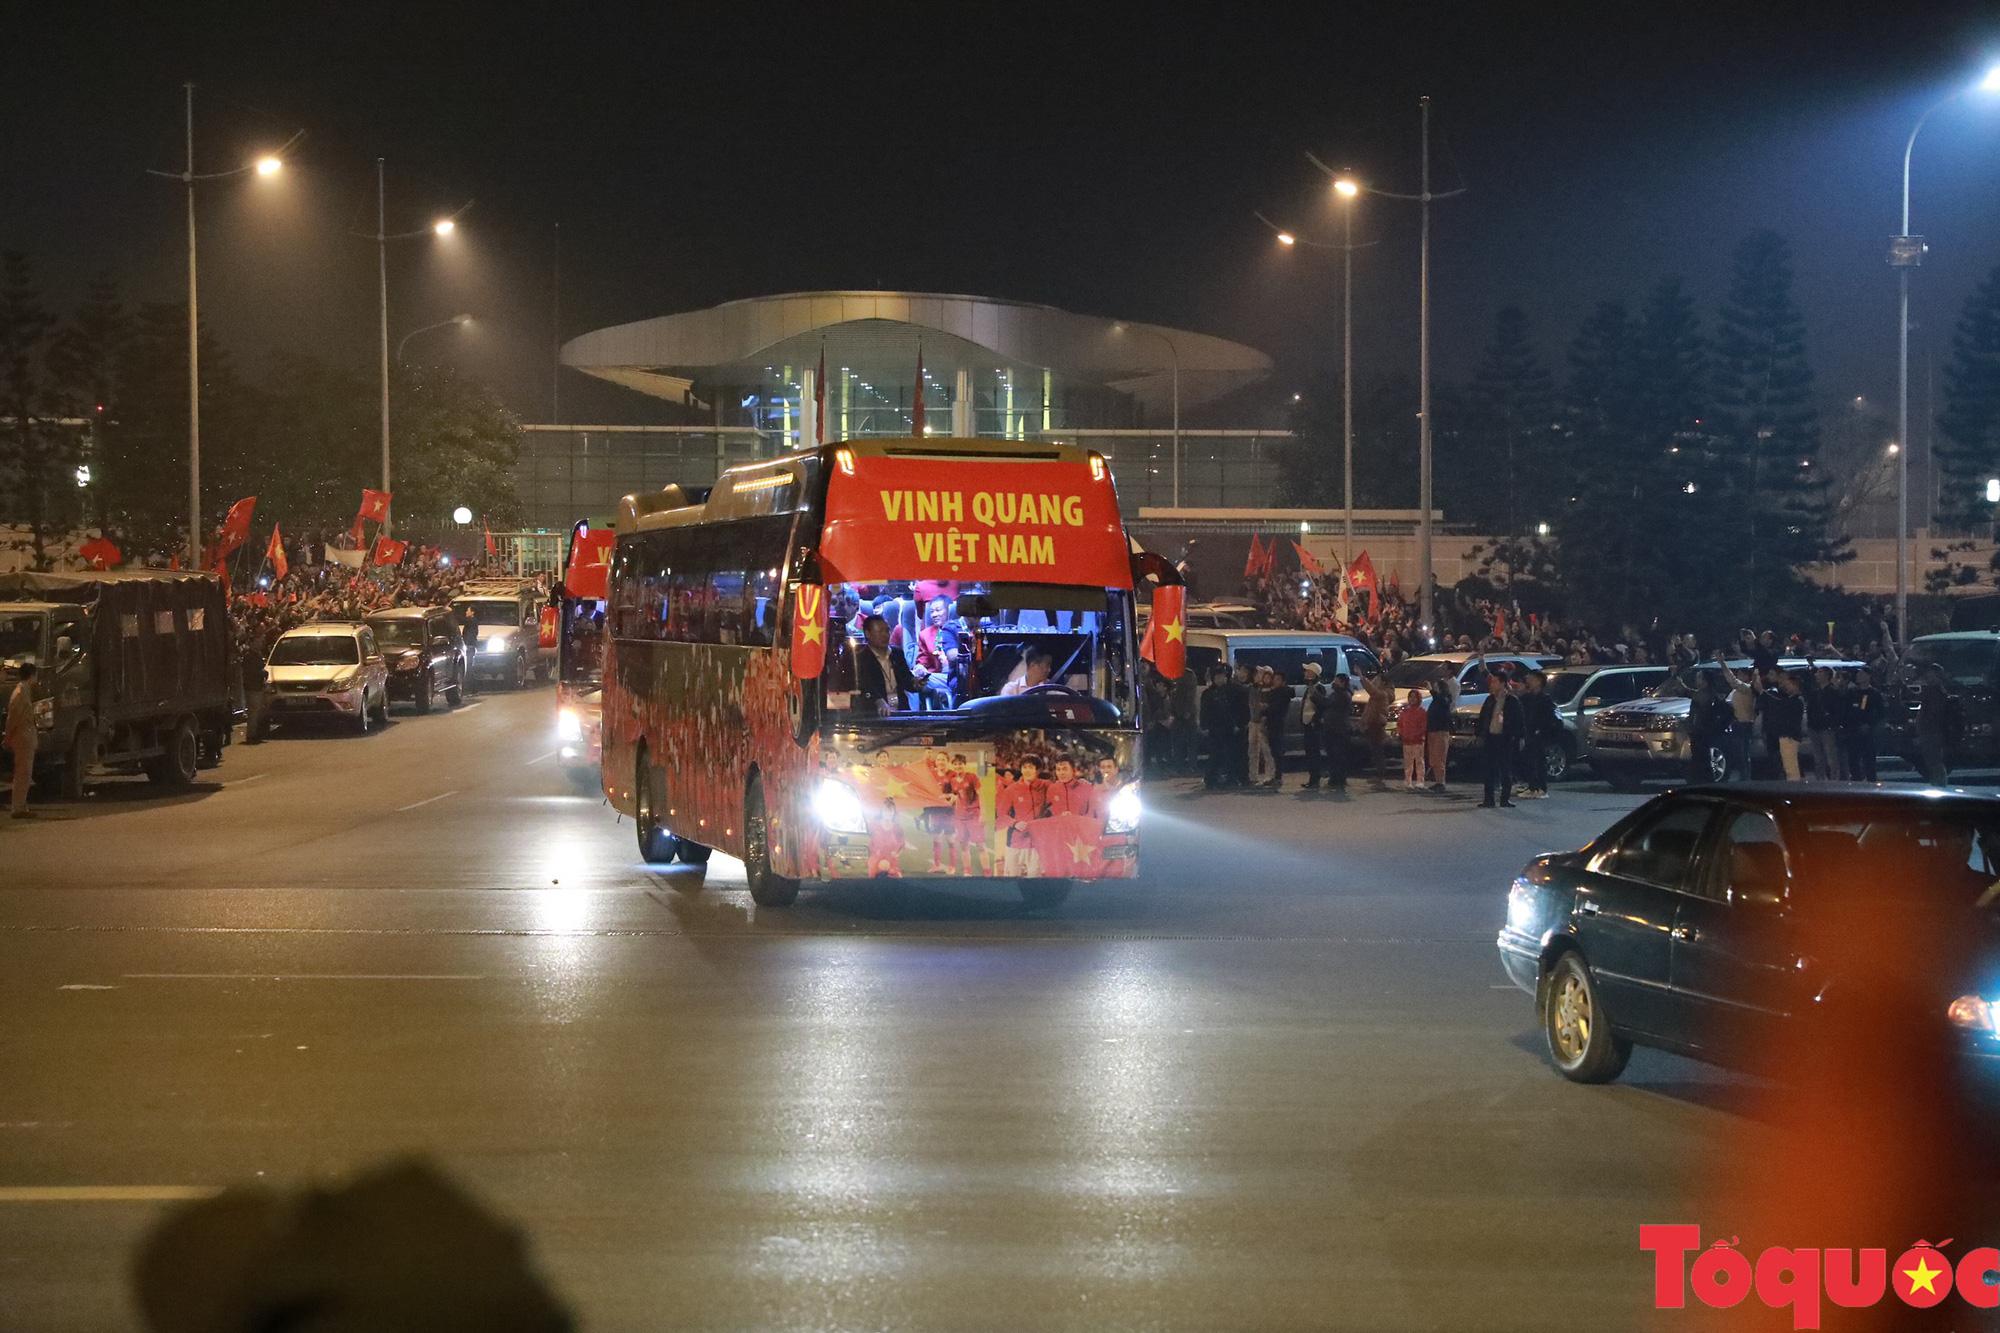 [Ảnh] ĐT U22 Việt Nam, ĐT nữ Việt Nam cập bến sân bay Nội Bài, mang cú đúp HCV về Tổ quốc - Ảnh 9.